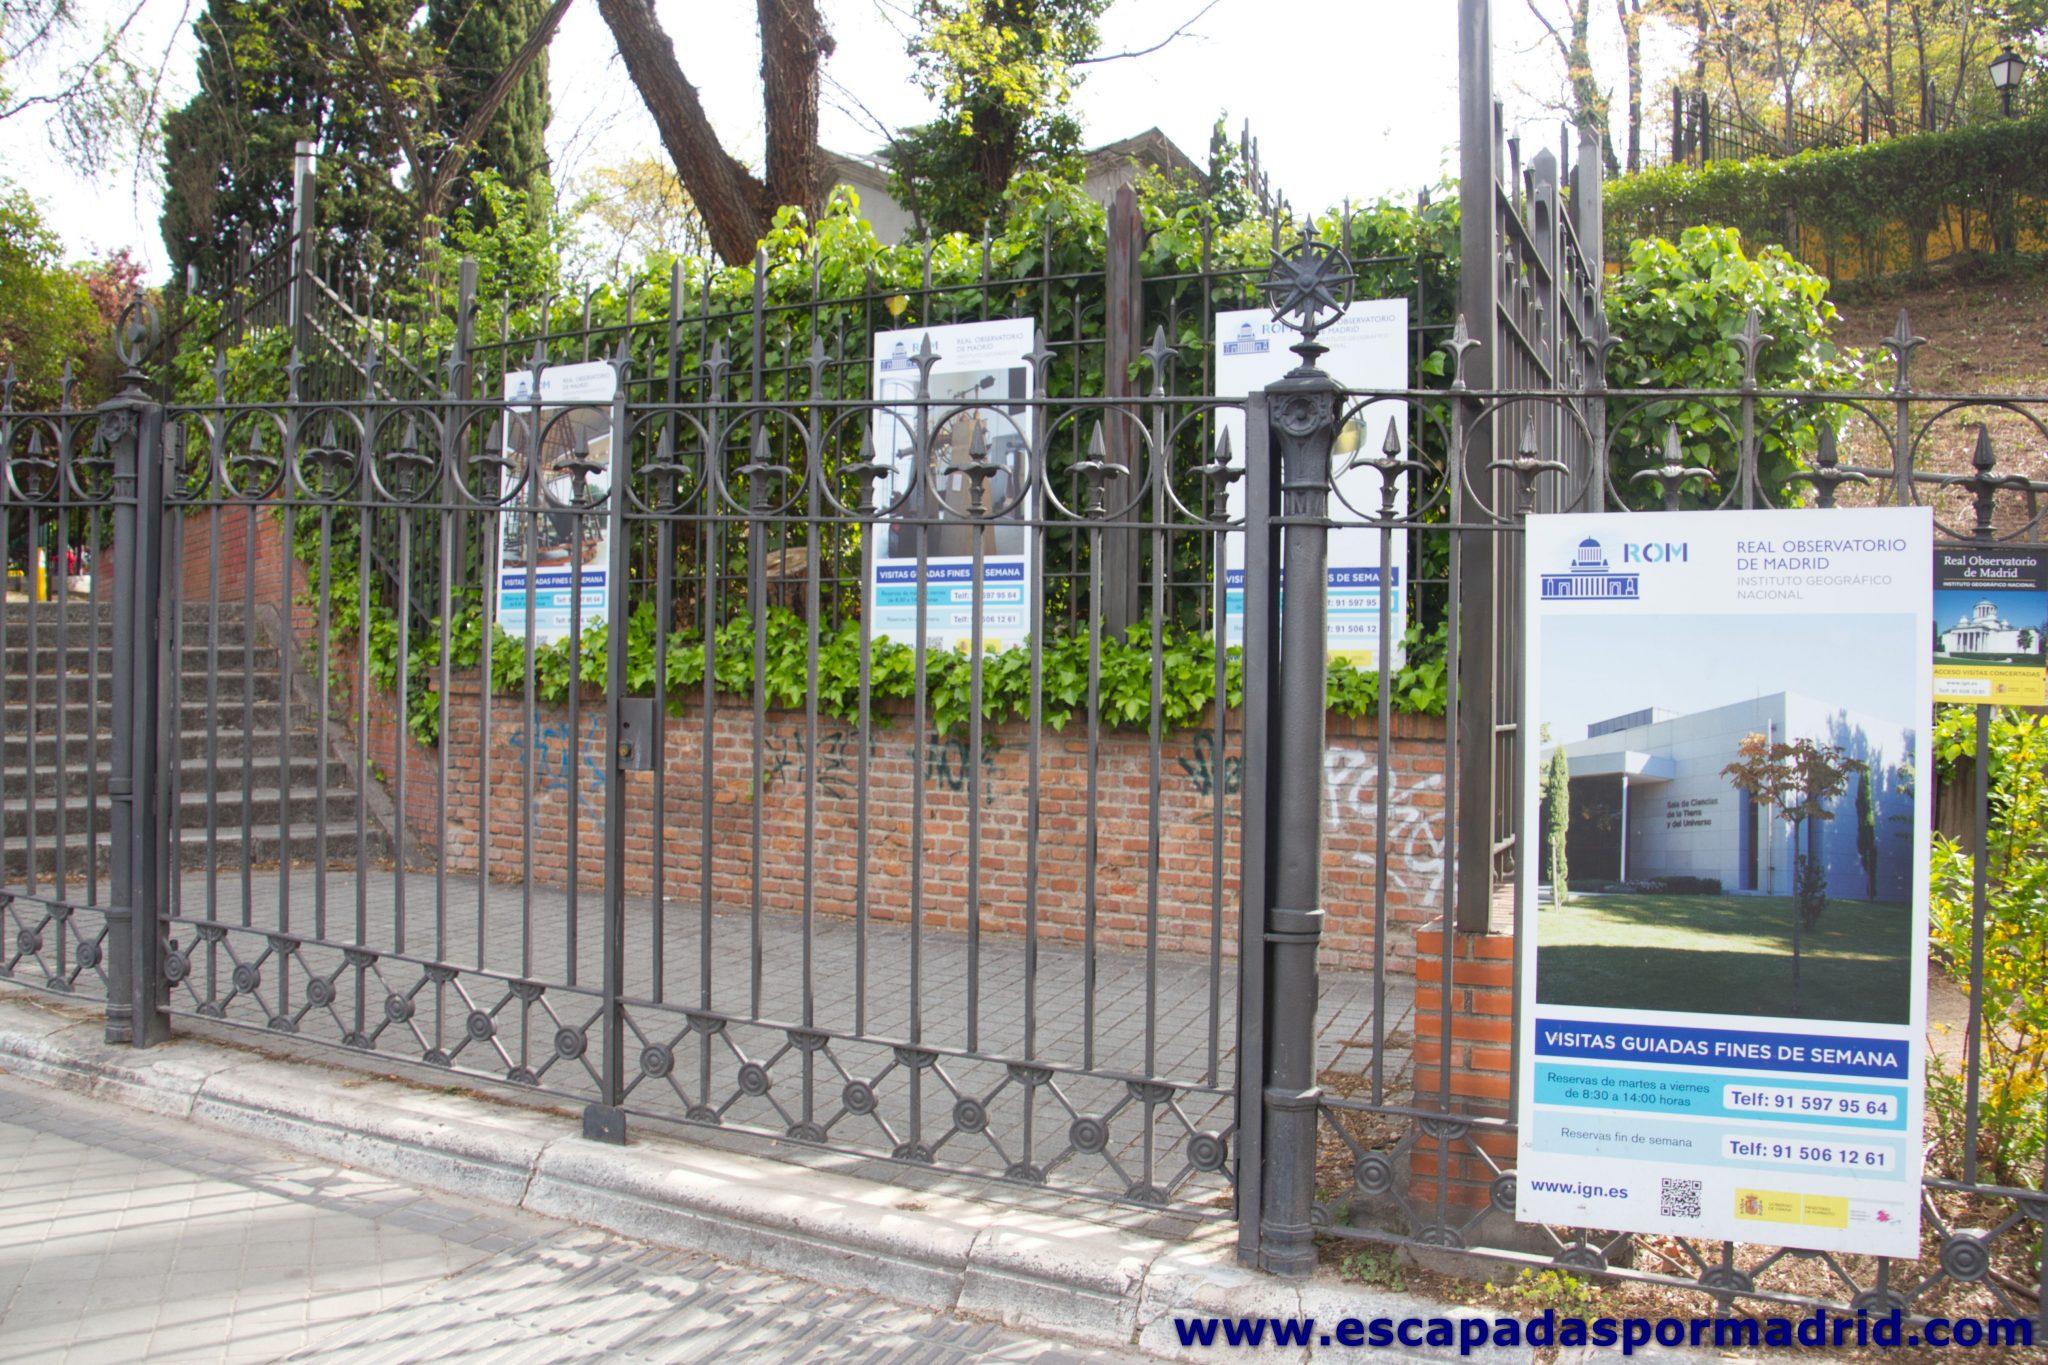 foto de la entrada al Real Observatorio de Madrid